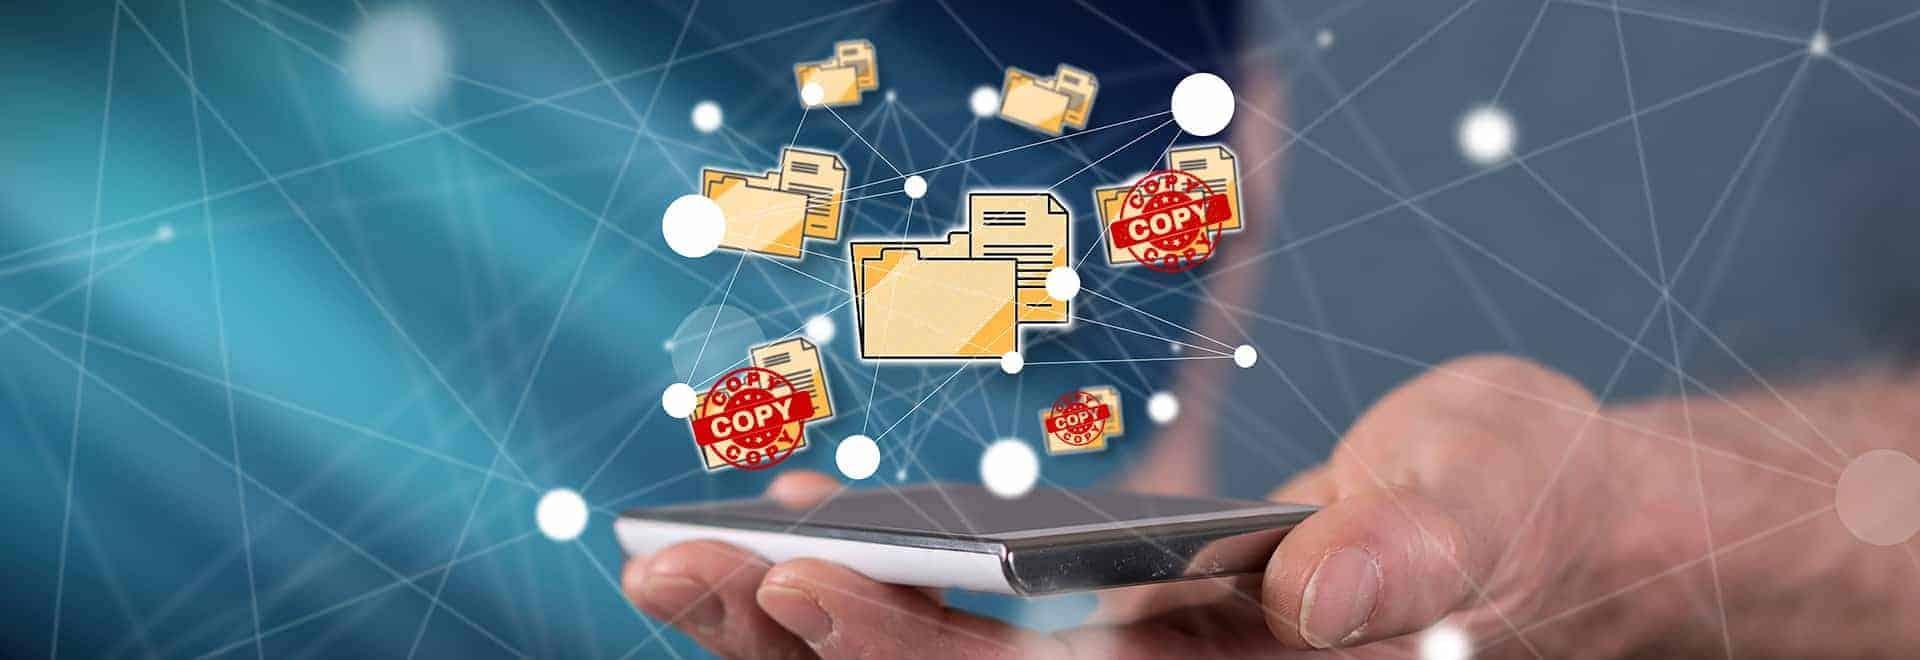 Konzept von Datenverbindungen